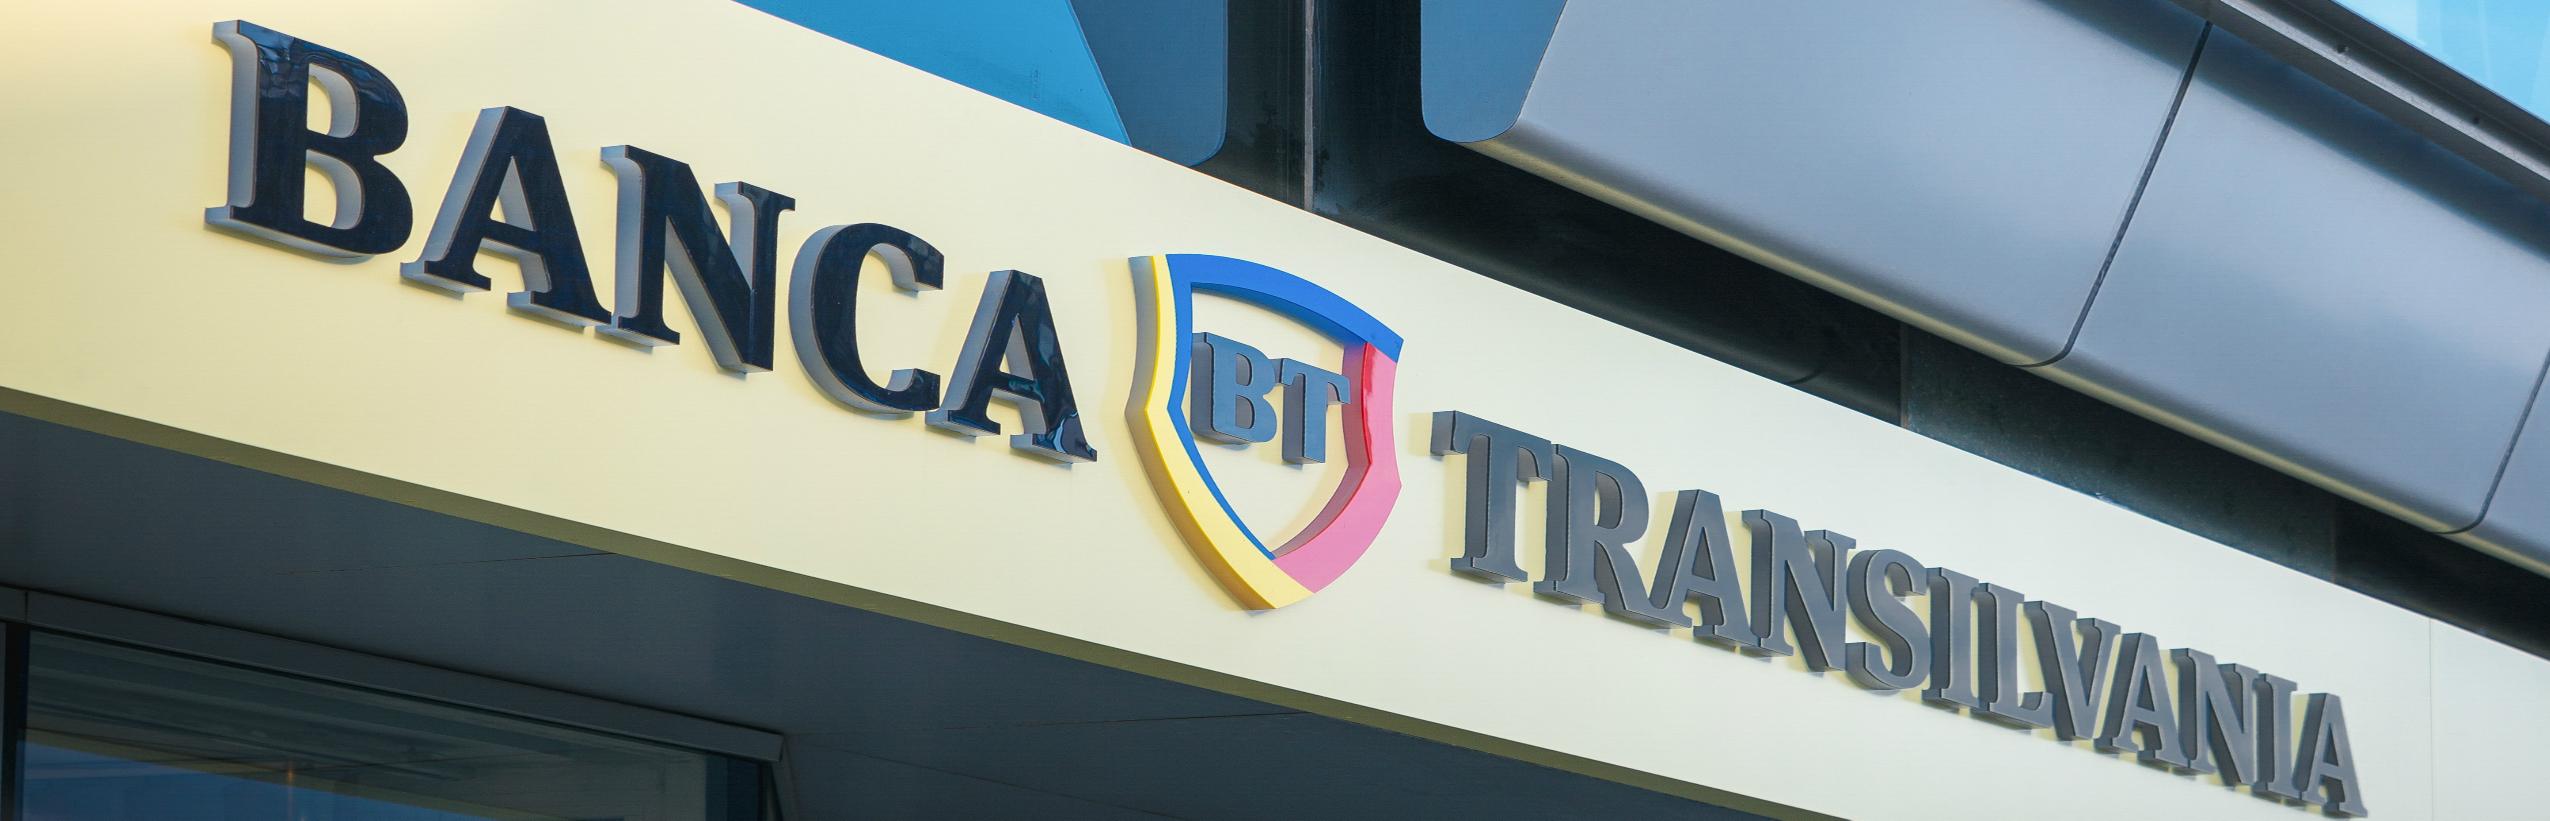 BT revine in cursul acestei luni cu informatii pentru clientii Bancpost cu credite in franci elvetieni